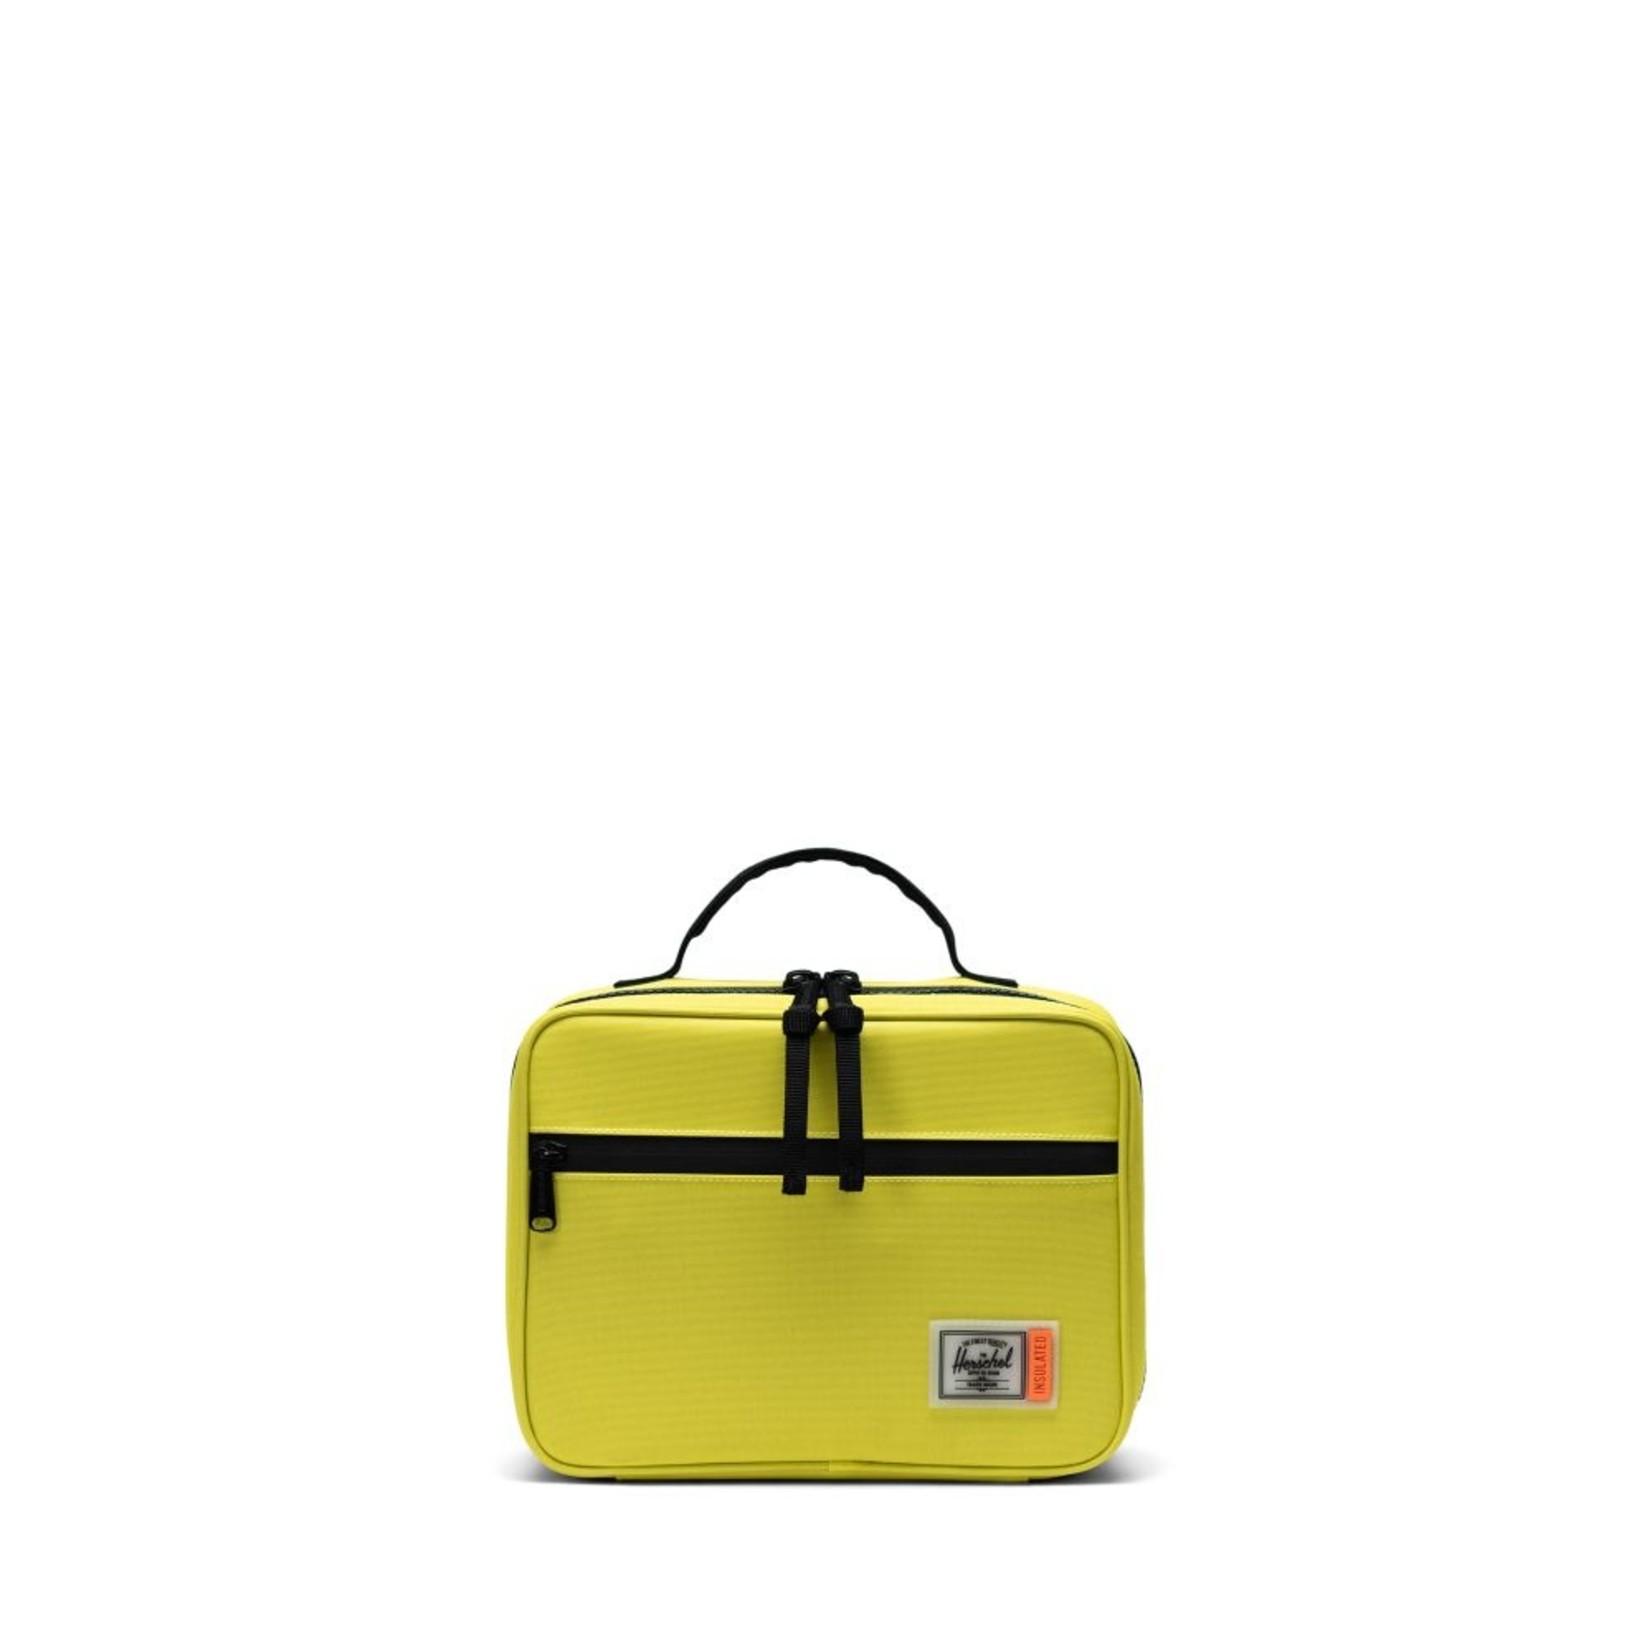 Herschel Supply CO. Herschel Pop Quiz Insulated Lunchbox